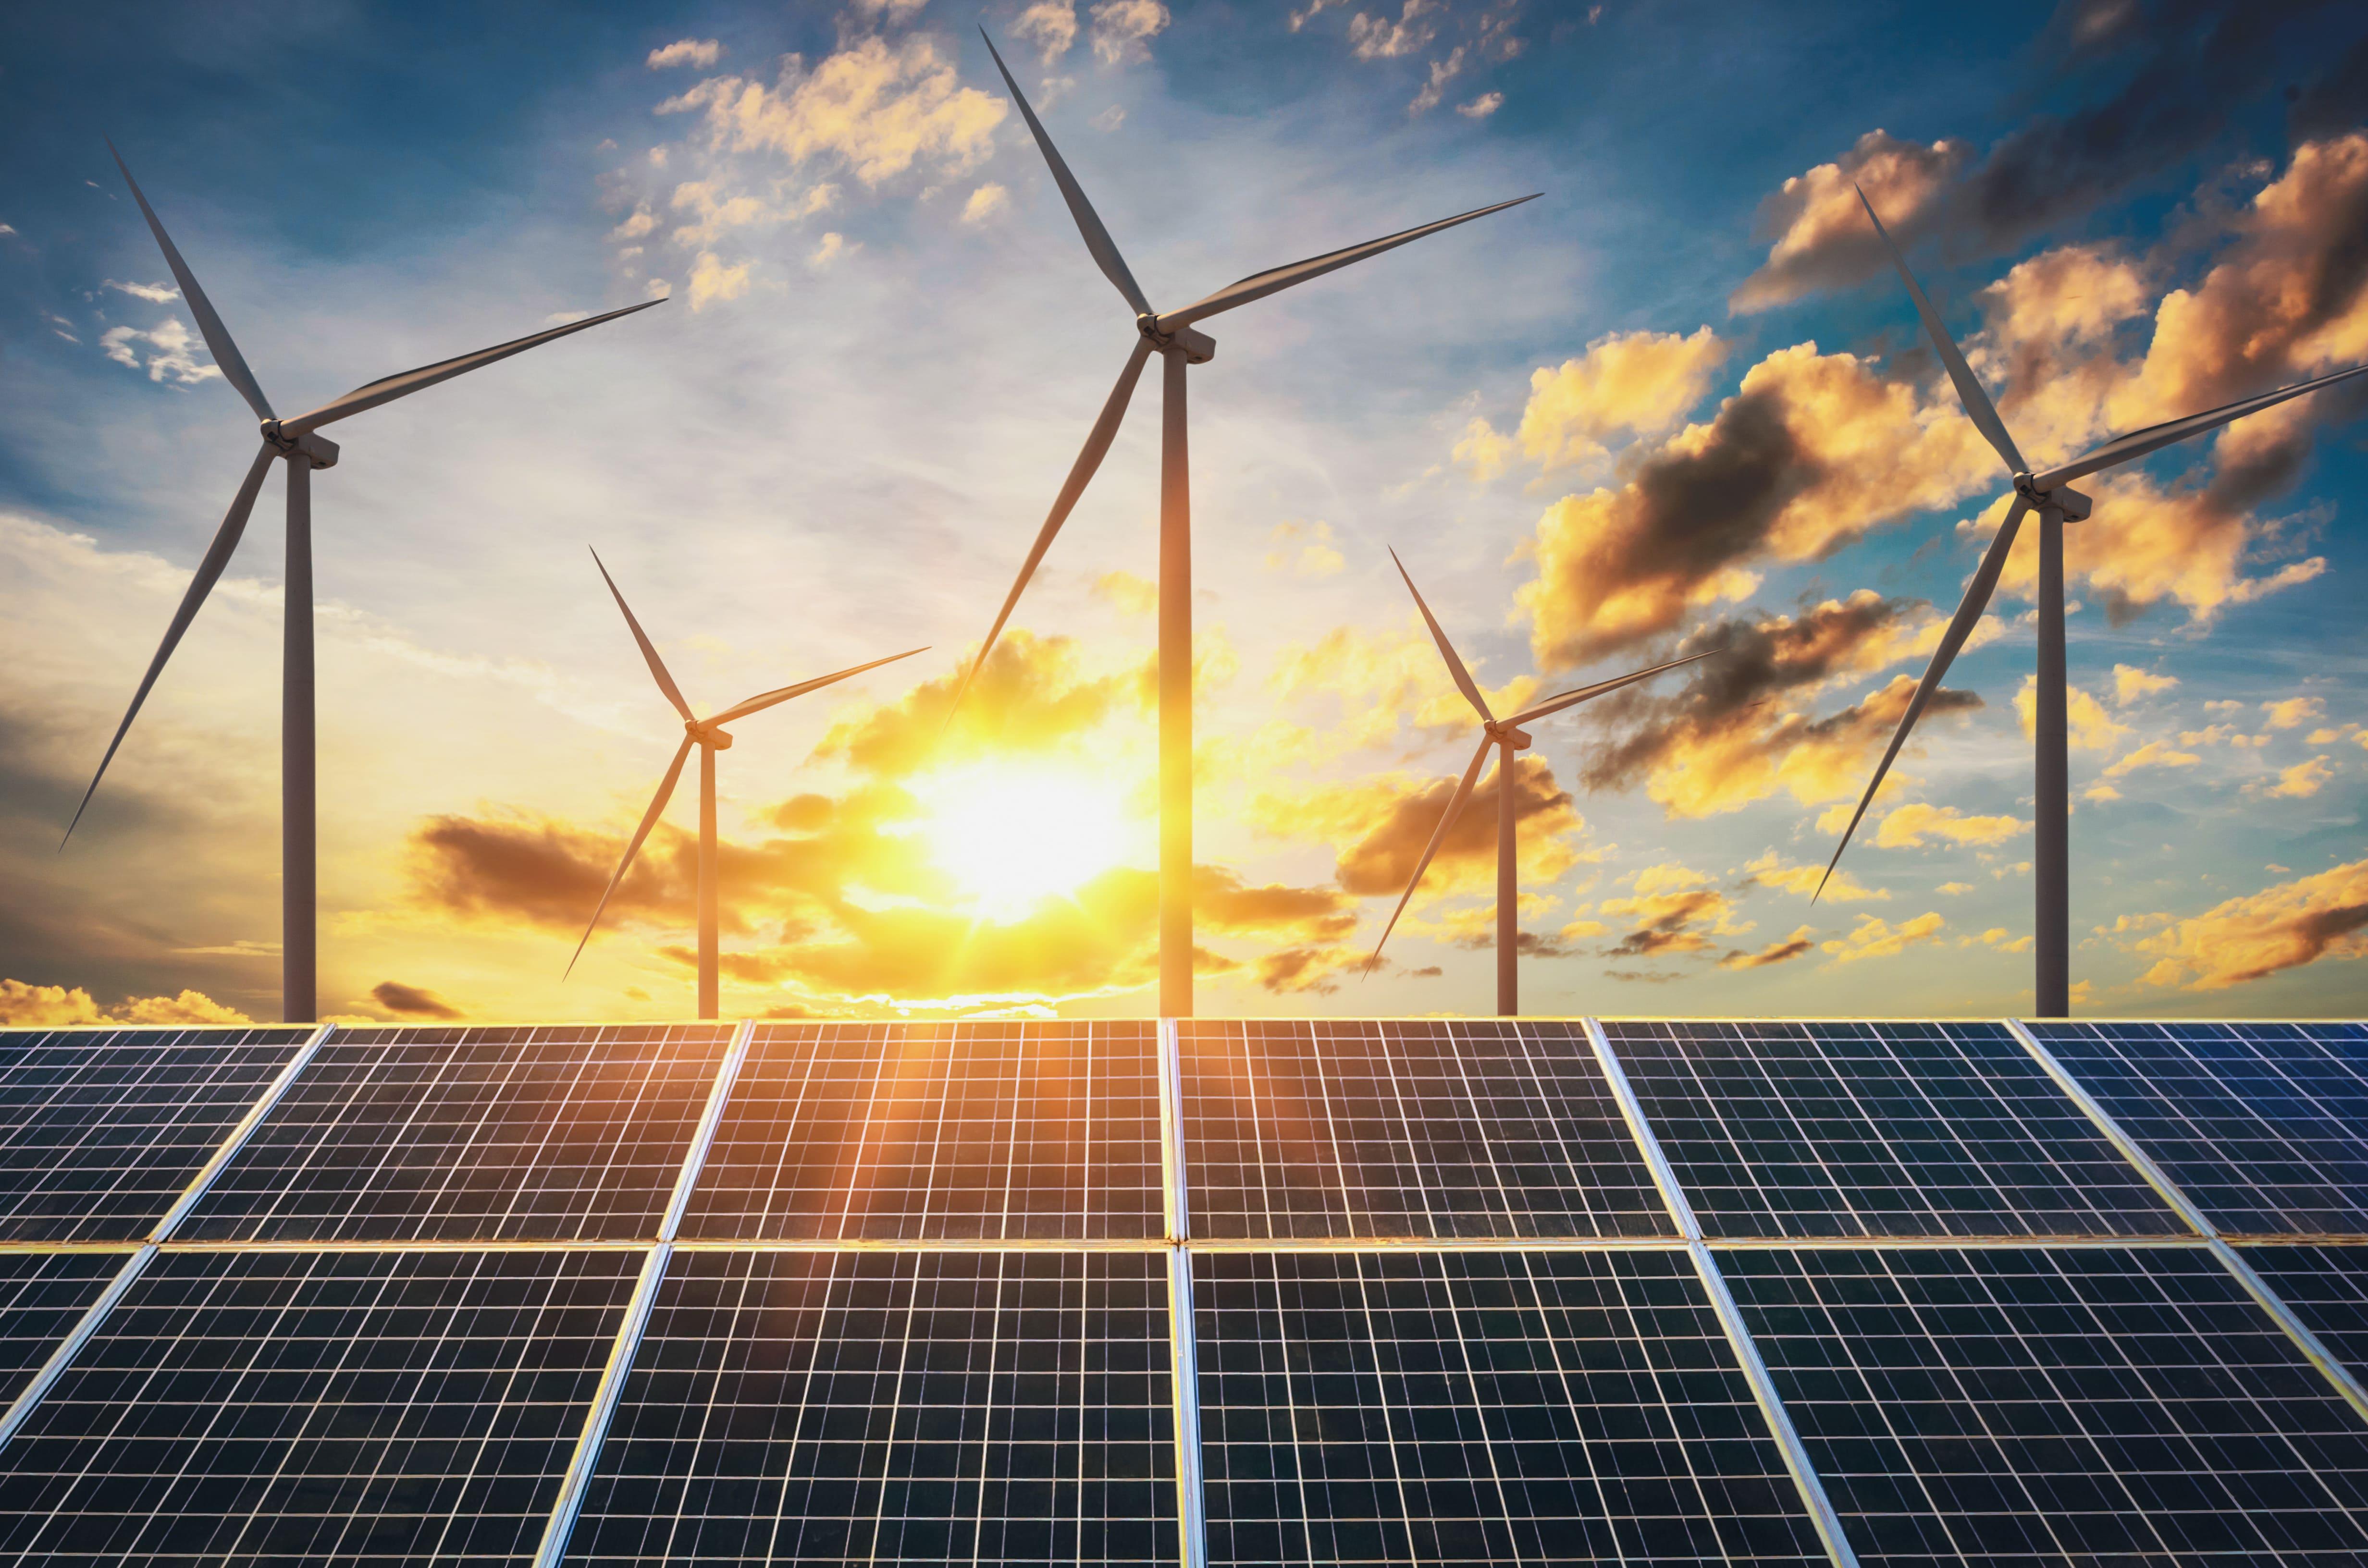 El 70% de las grandes empresas se han fijado objetivos en energía o sostenibilidad según Schneider Electric